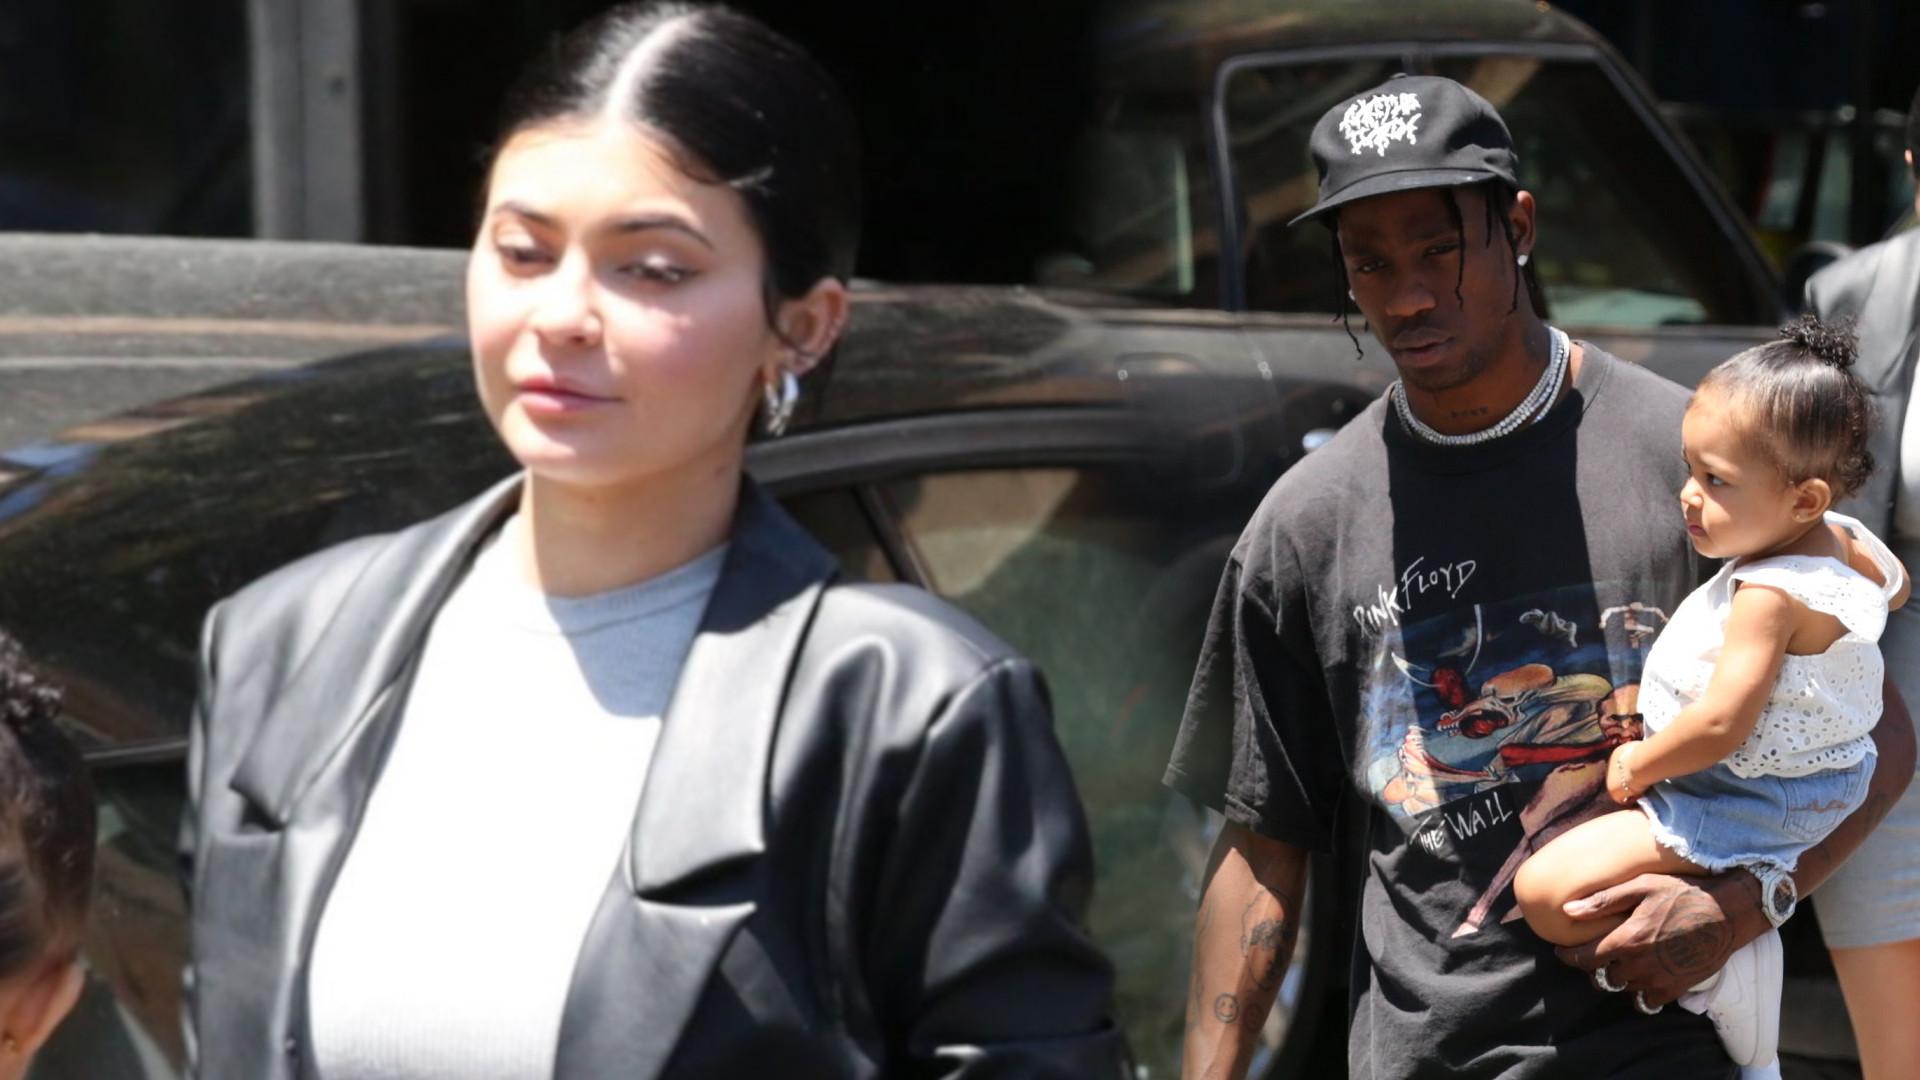 Kylie Jenner i Travis Scott mają kryzys? Kylie nie chce żadnego ślubu